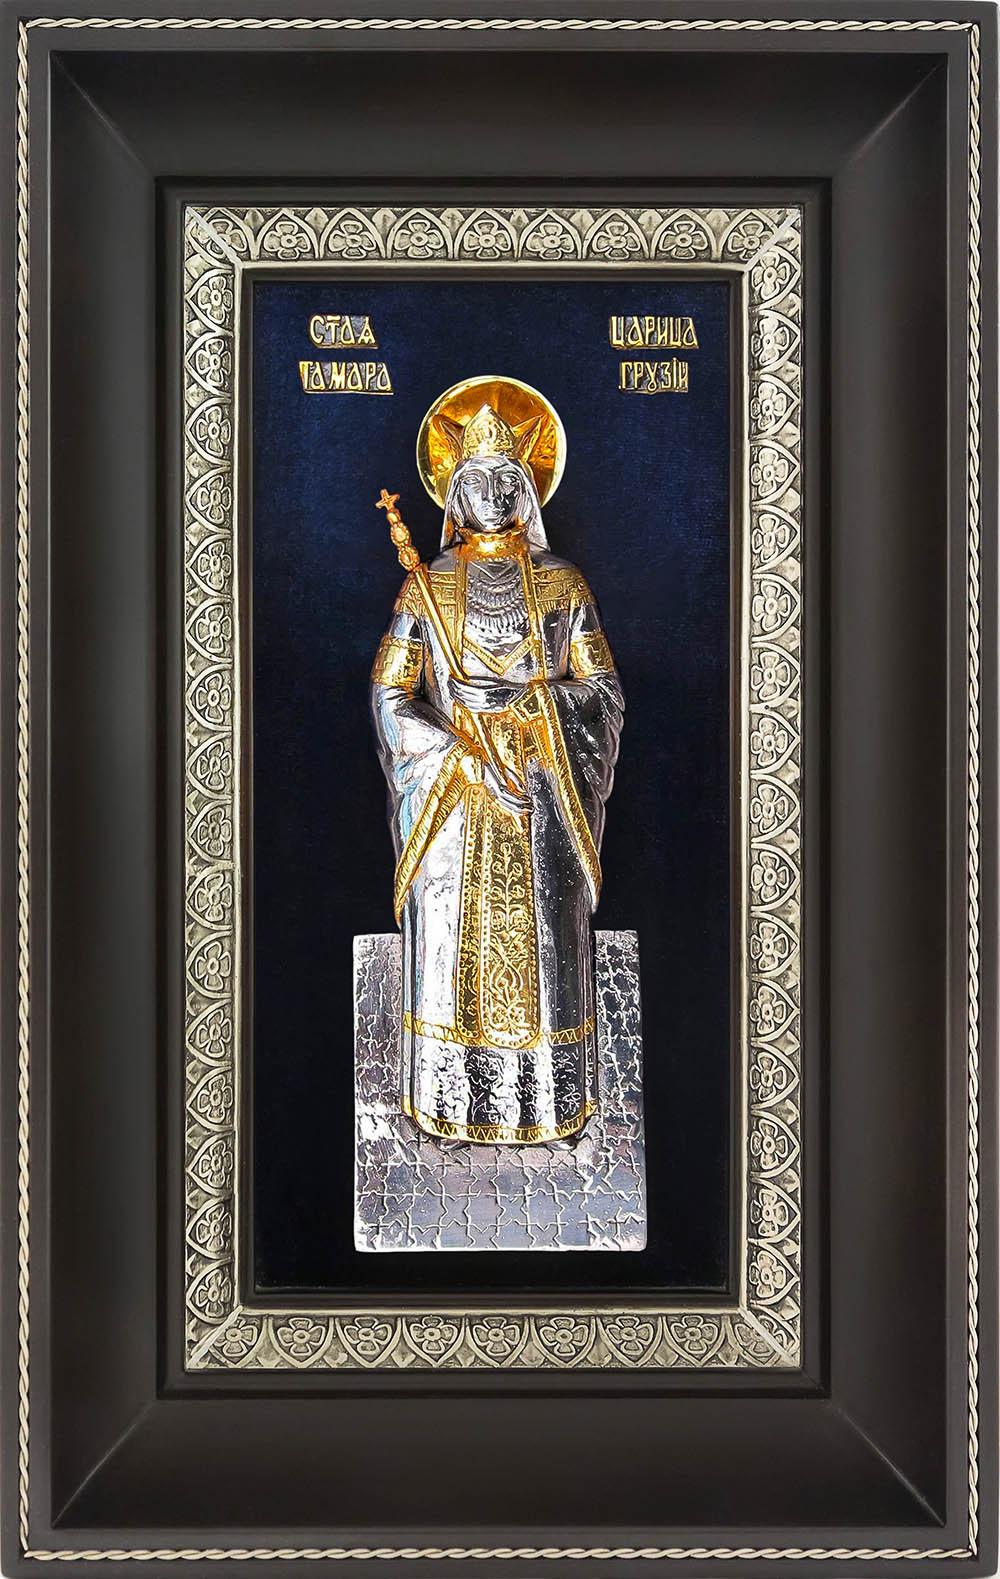 фото икона святой благоверной царицы Тамары Грузинской гальванопластика серебро золото деревянная рама